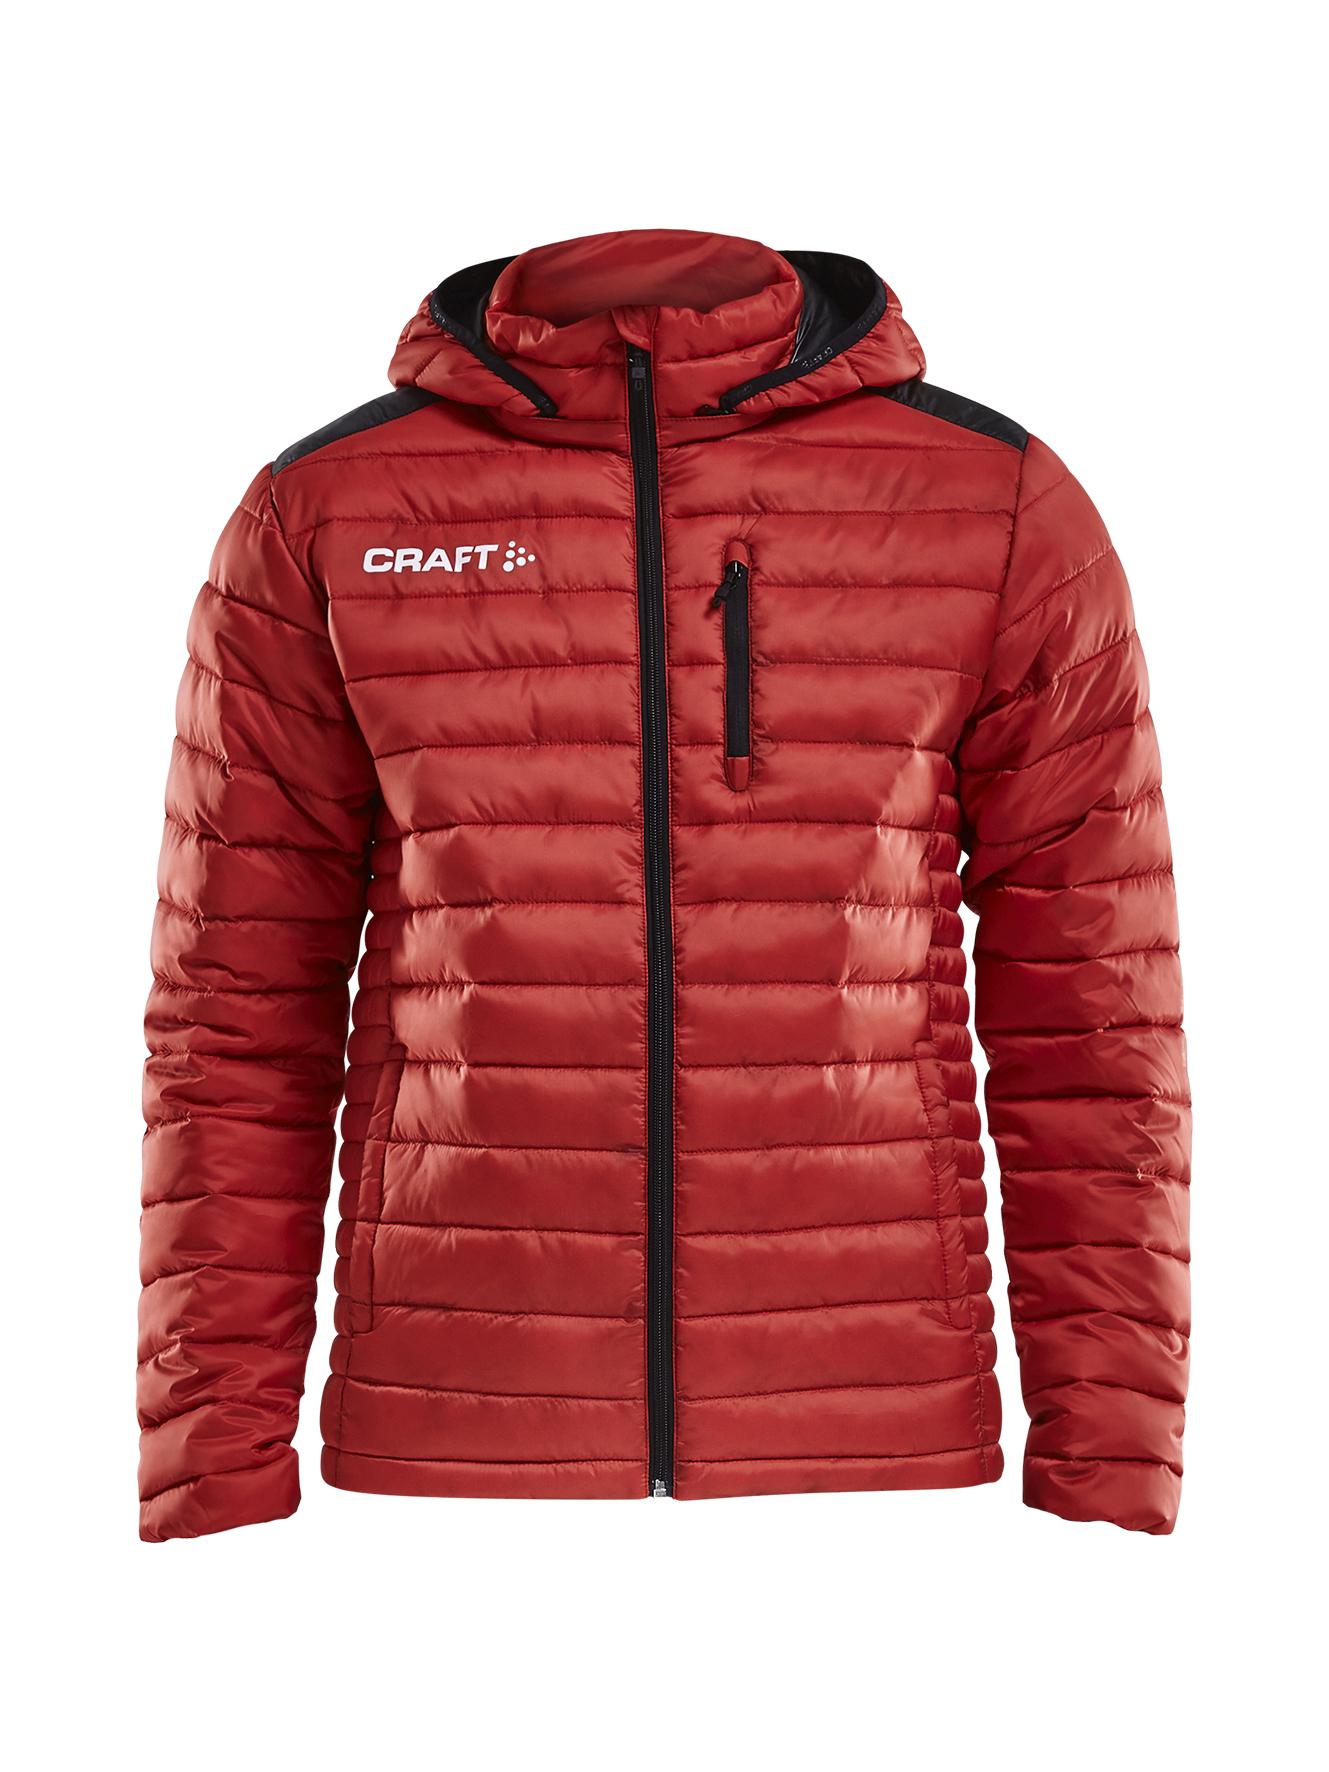 Billede af Craft Isolate Jacket Wind Jacket Men - Red - XL